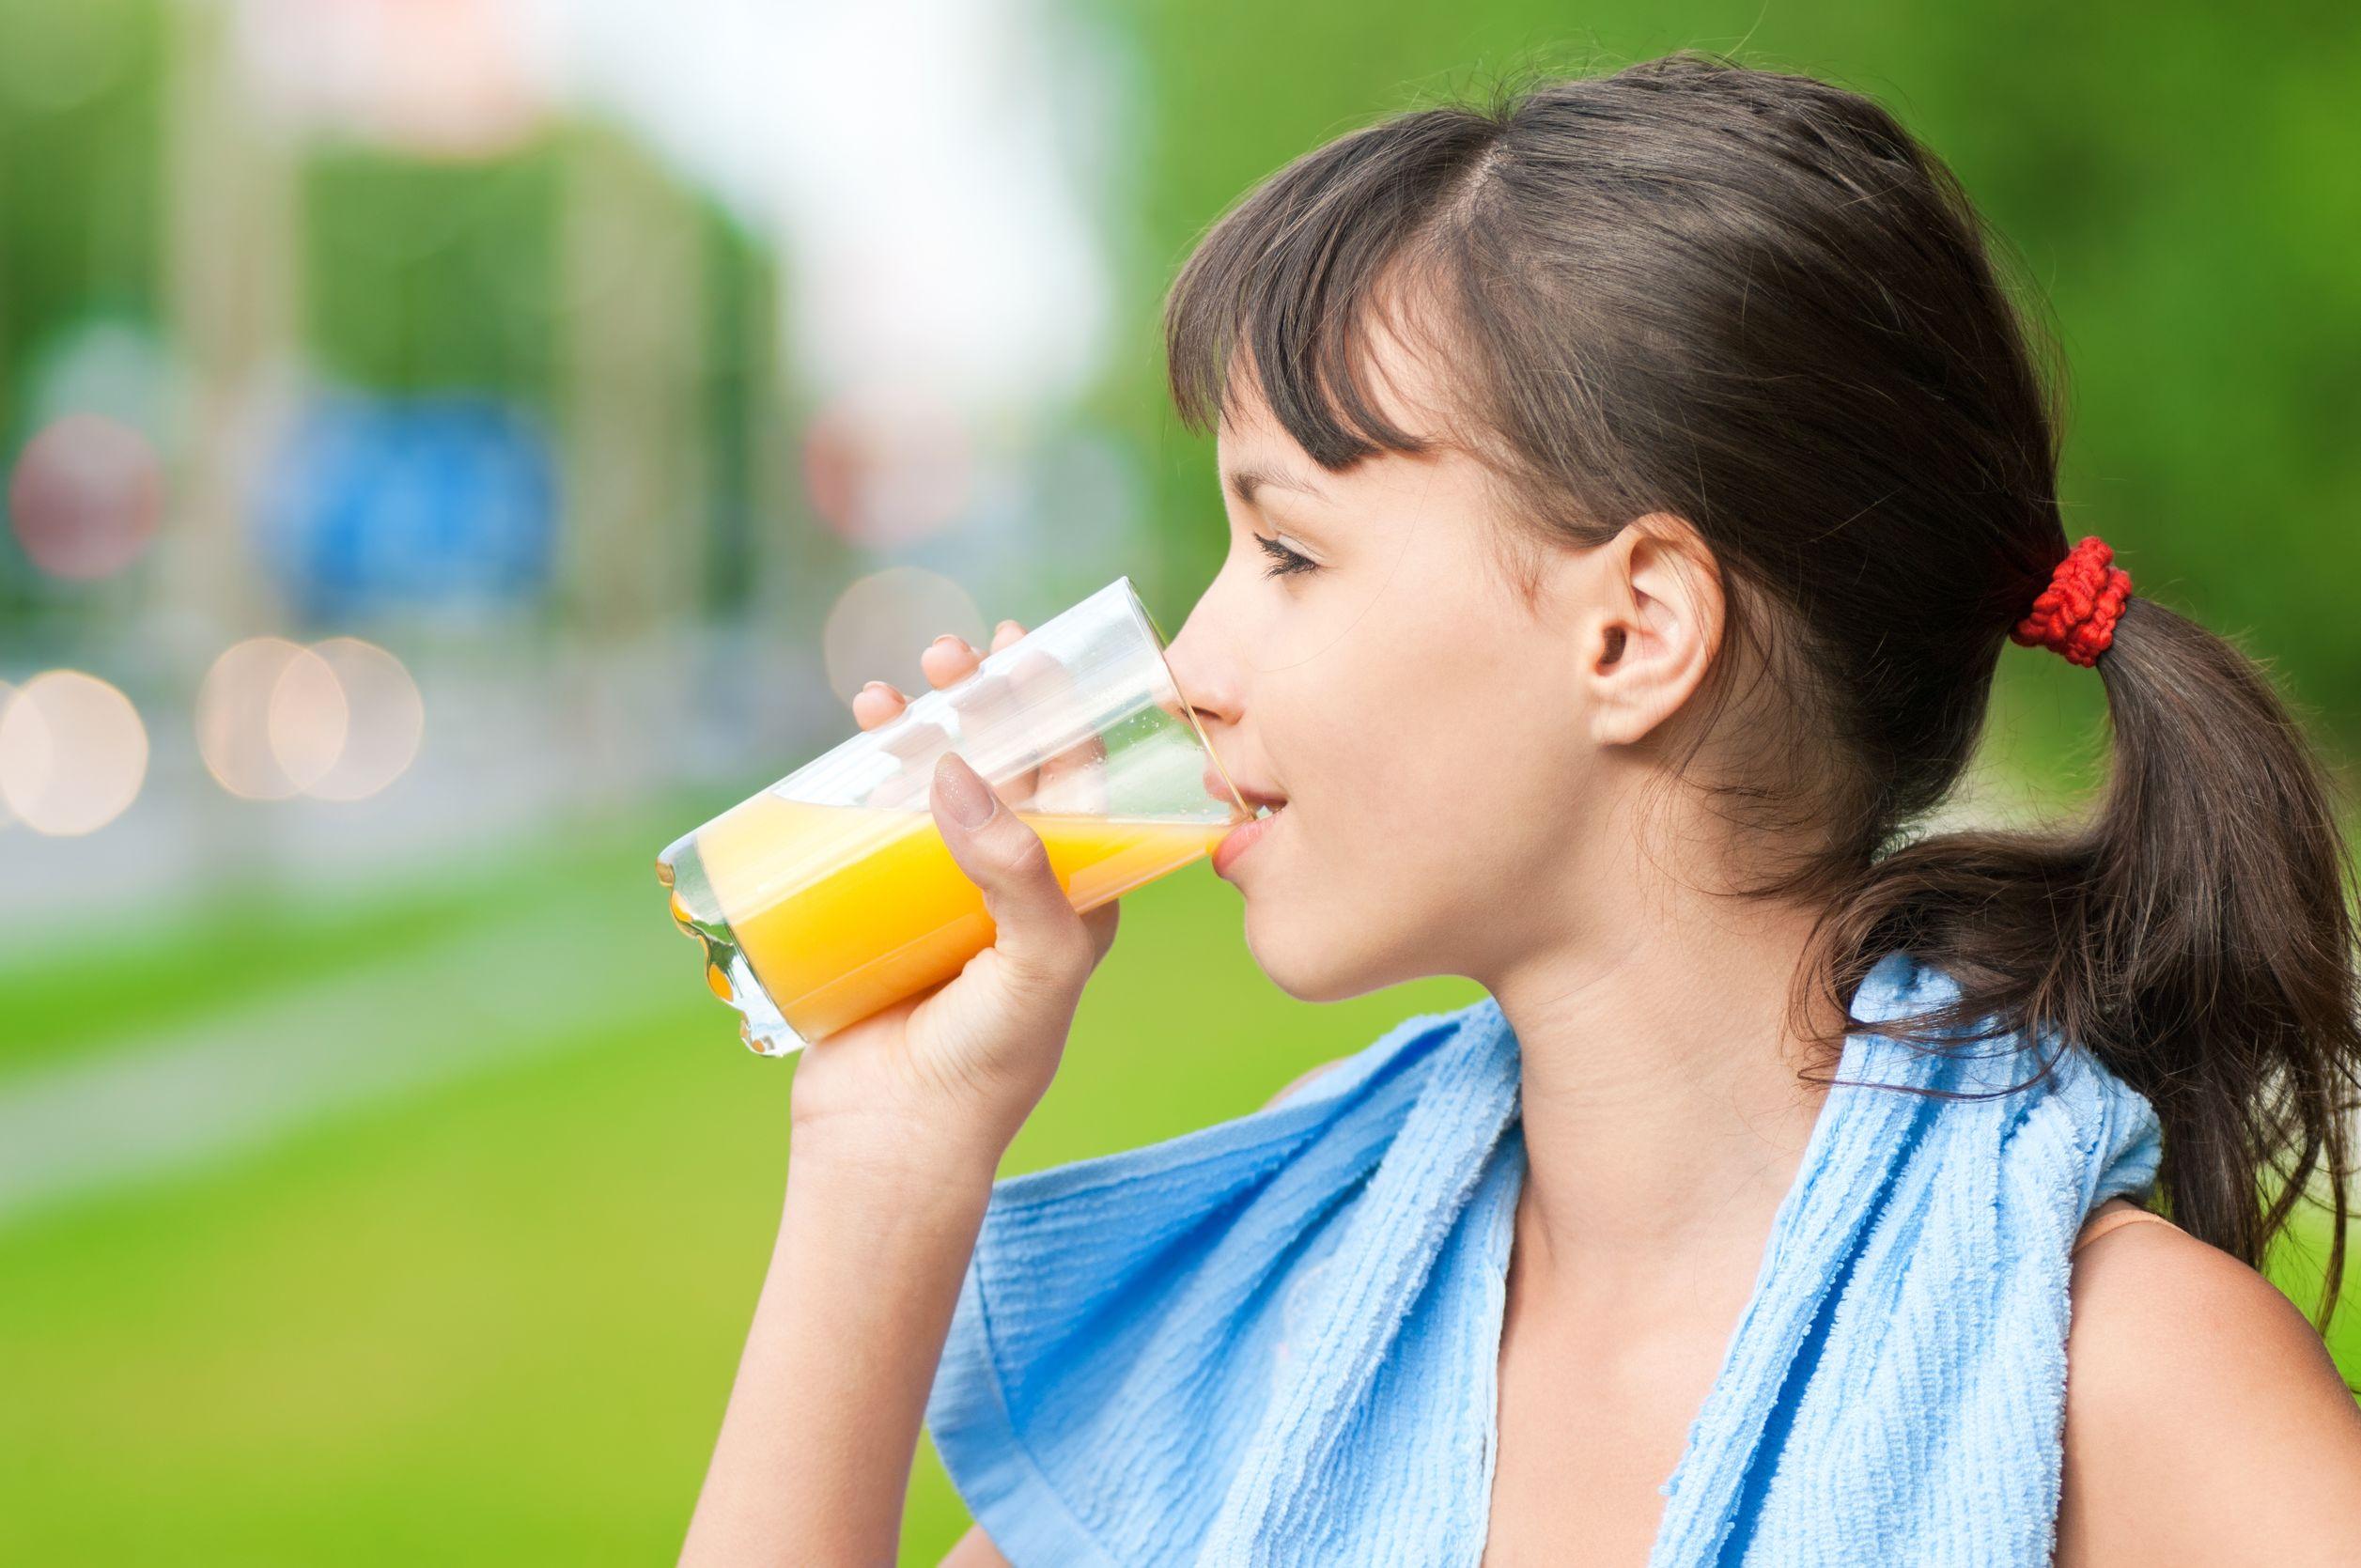 ดื่มอะไรดี? หลังออกกำลังกายในฤดูร้อน thaihealth